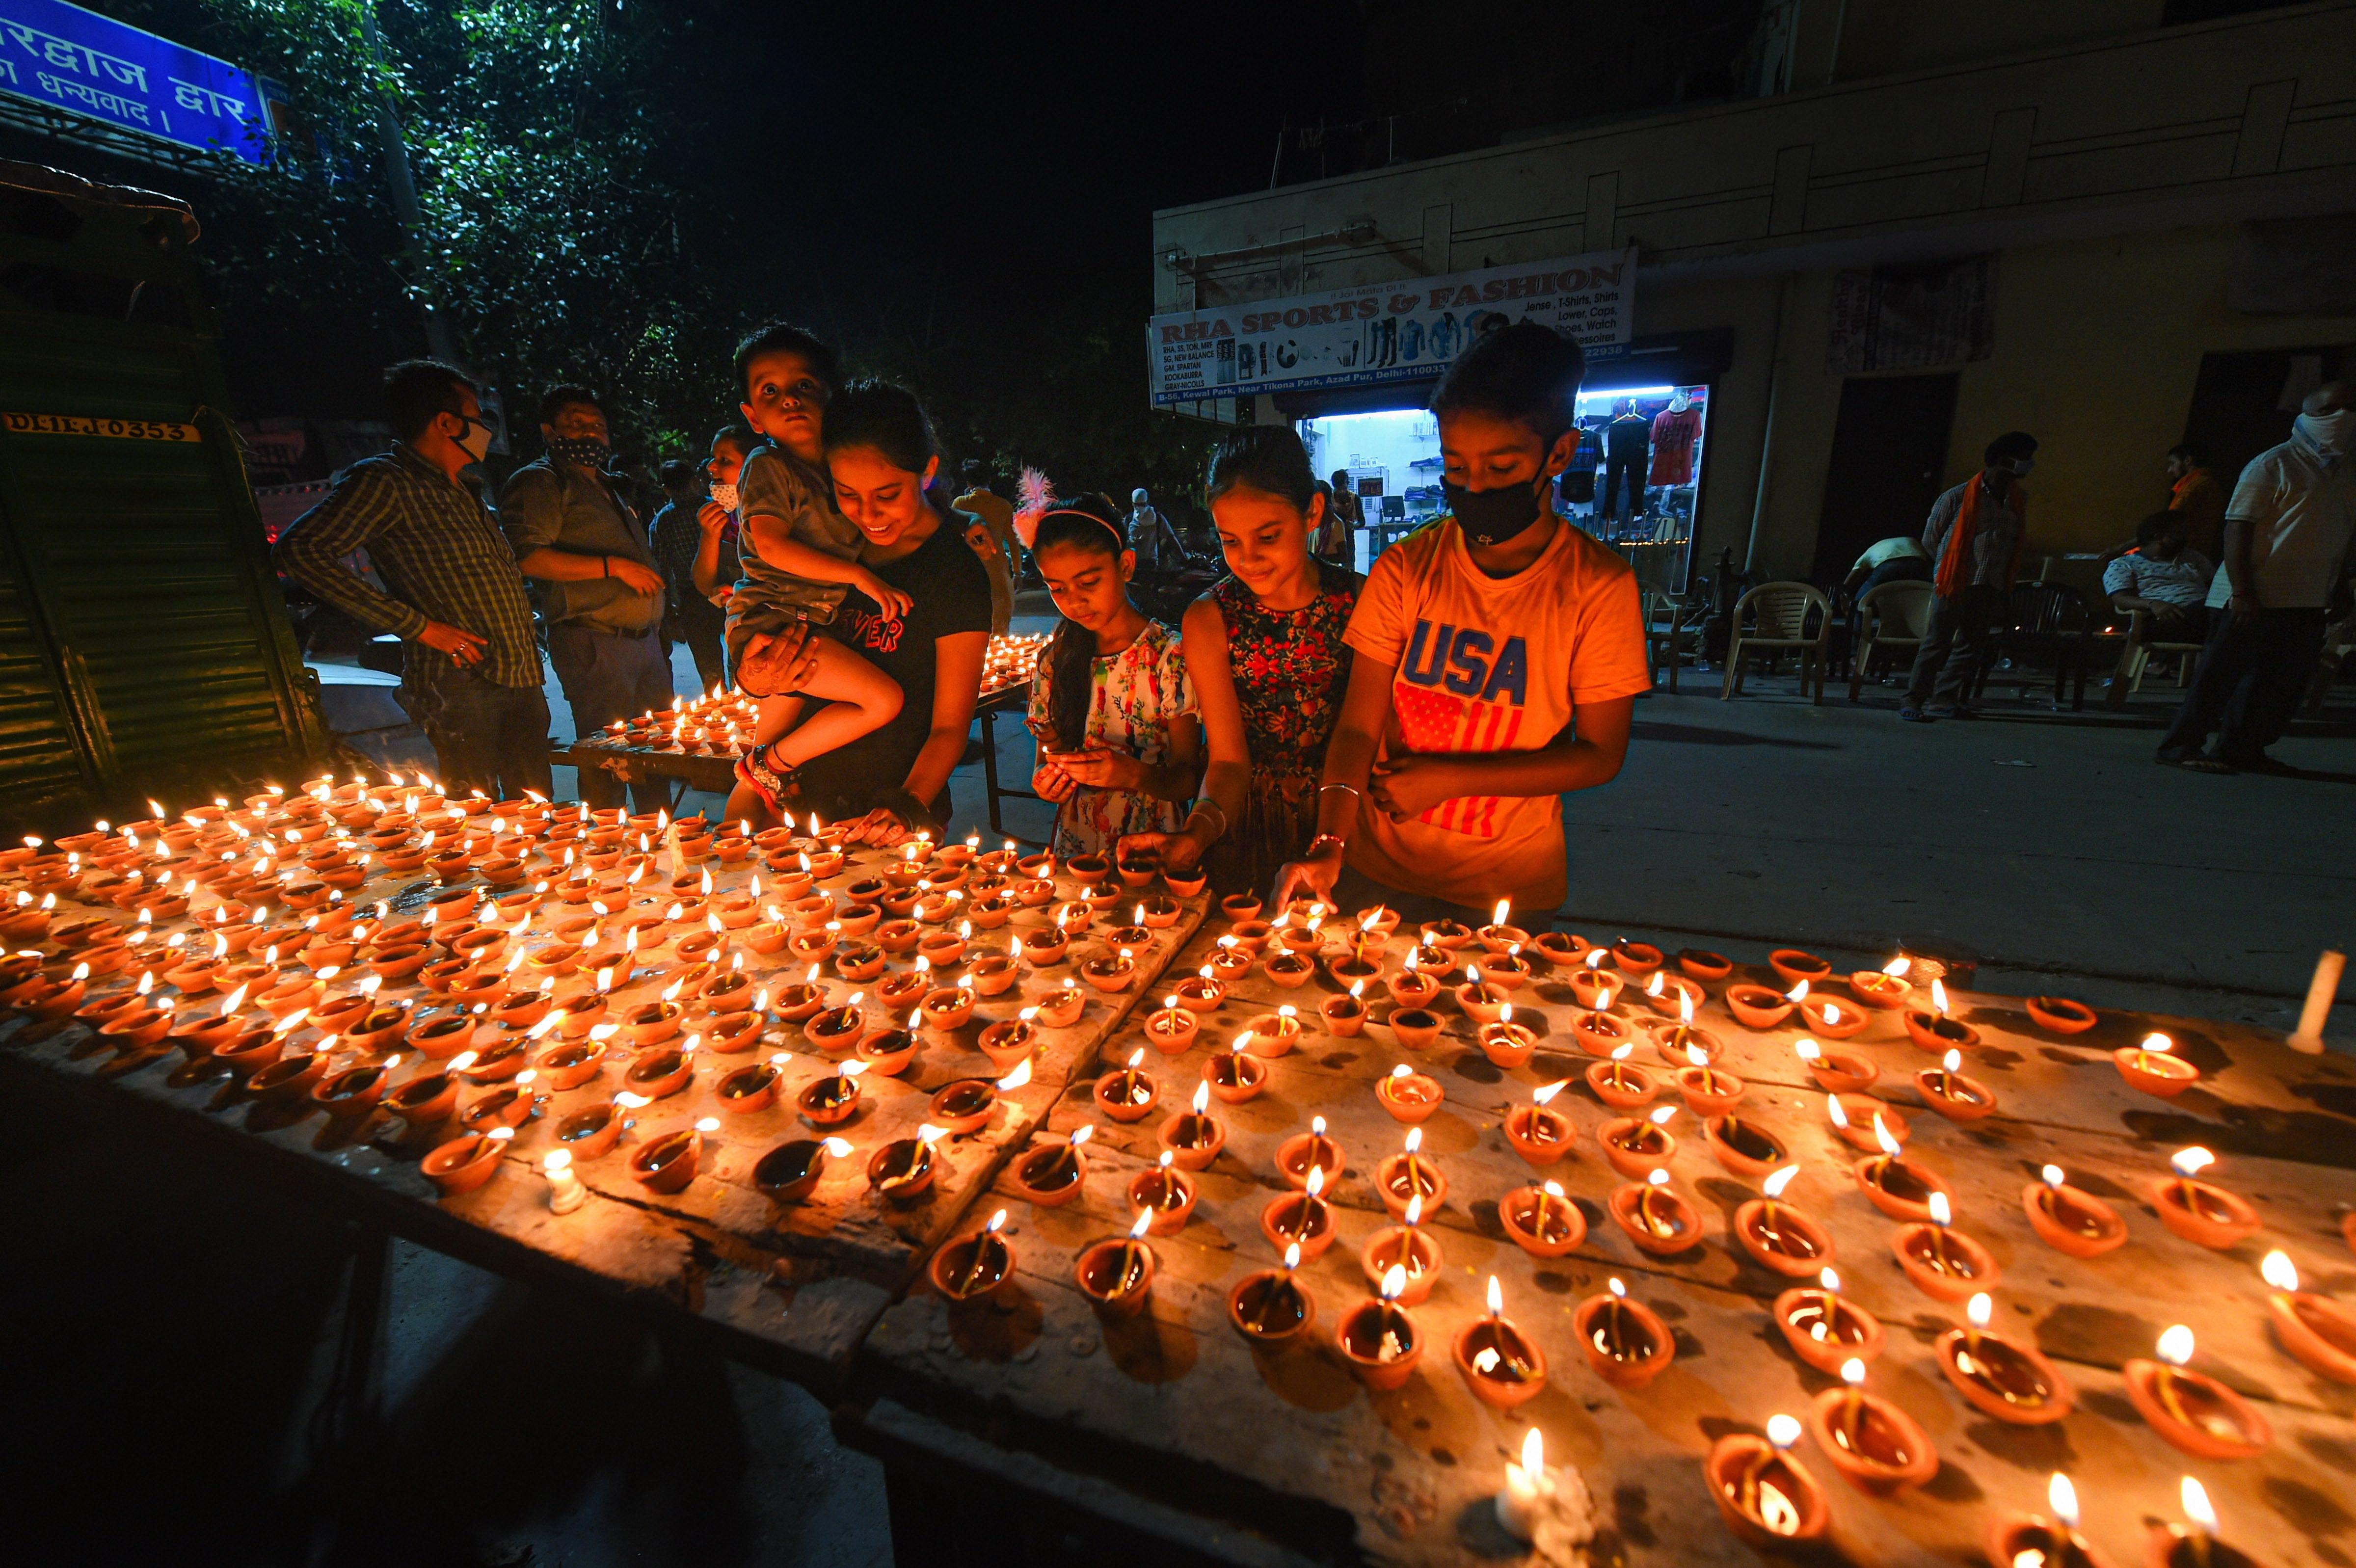 দিল্লিতে দিয়া প্রজ্বলন (PTI)